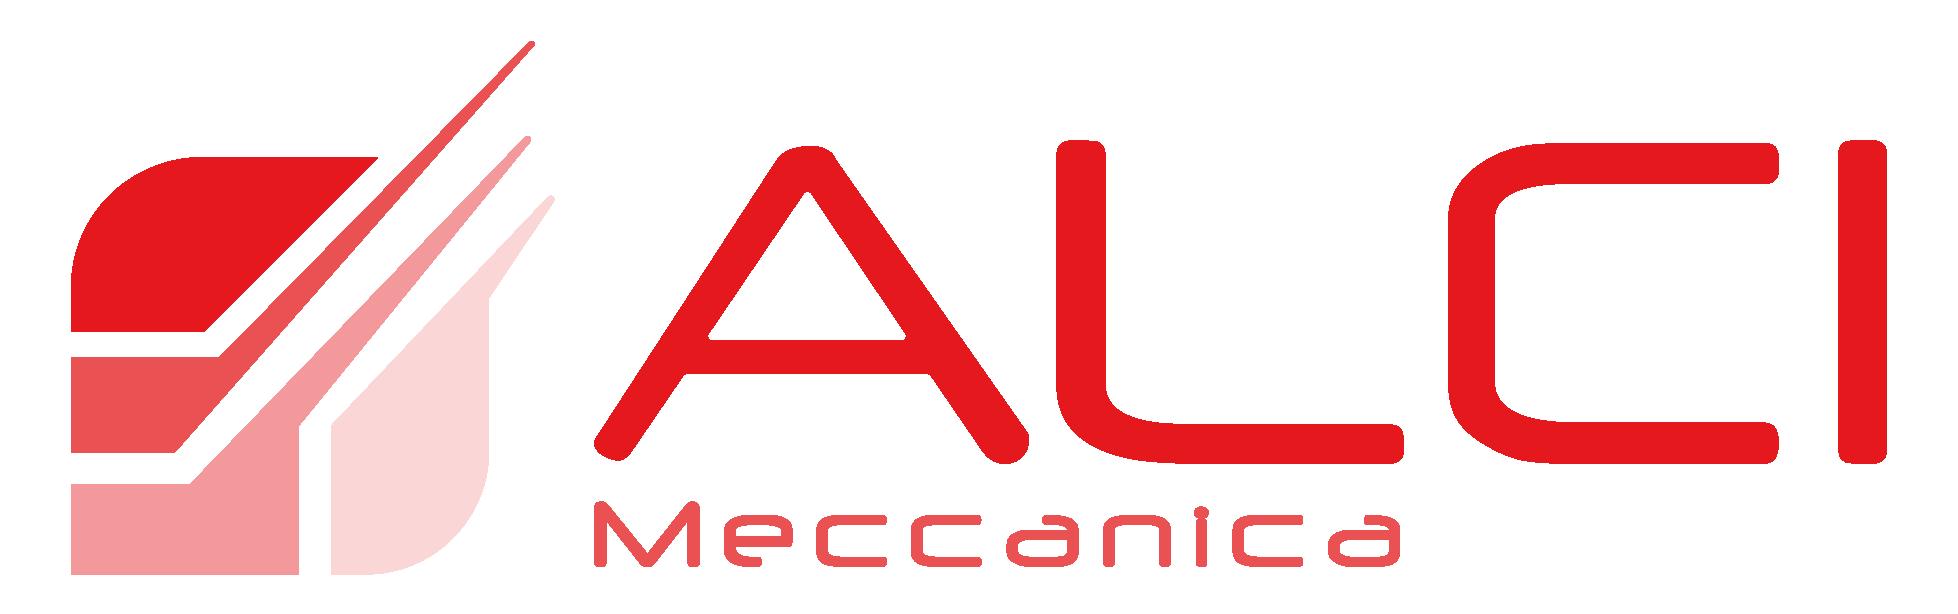 COSTRUZIONI MECCANICHE - Realizzazione particolari metallici - lavorazioni meccaniche - lavorazione acciaio inox